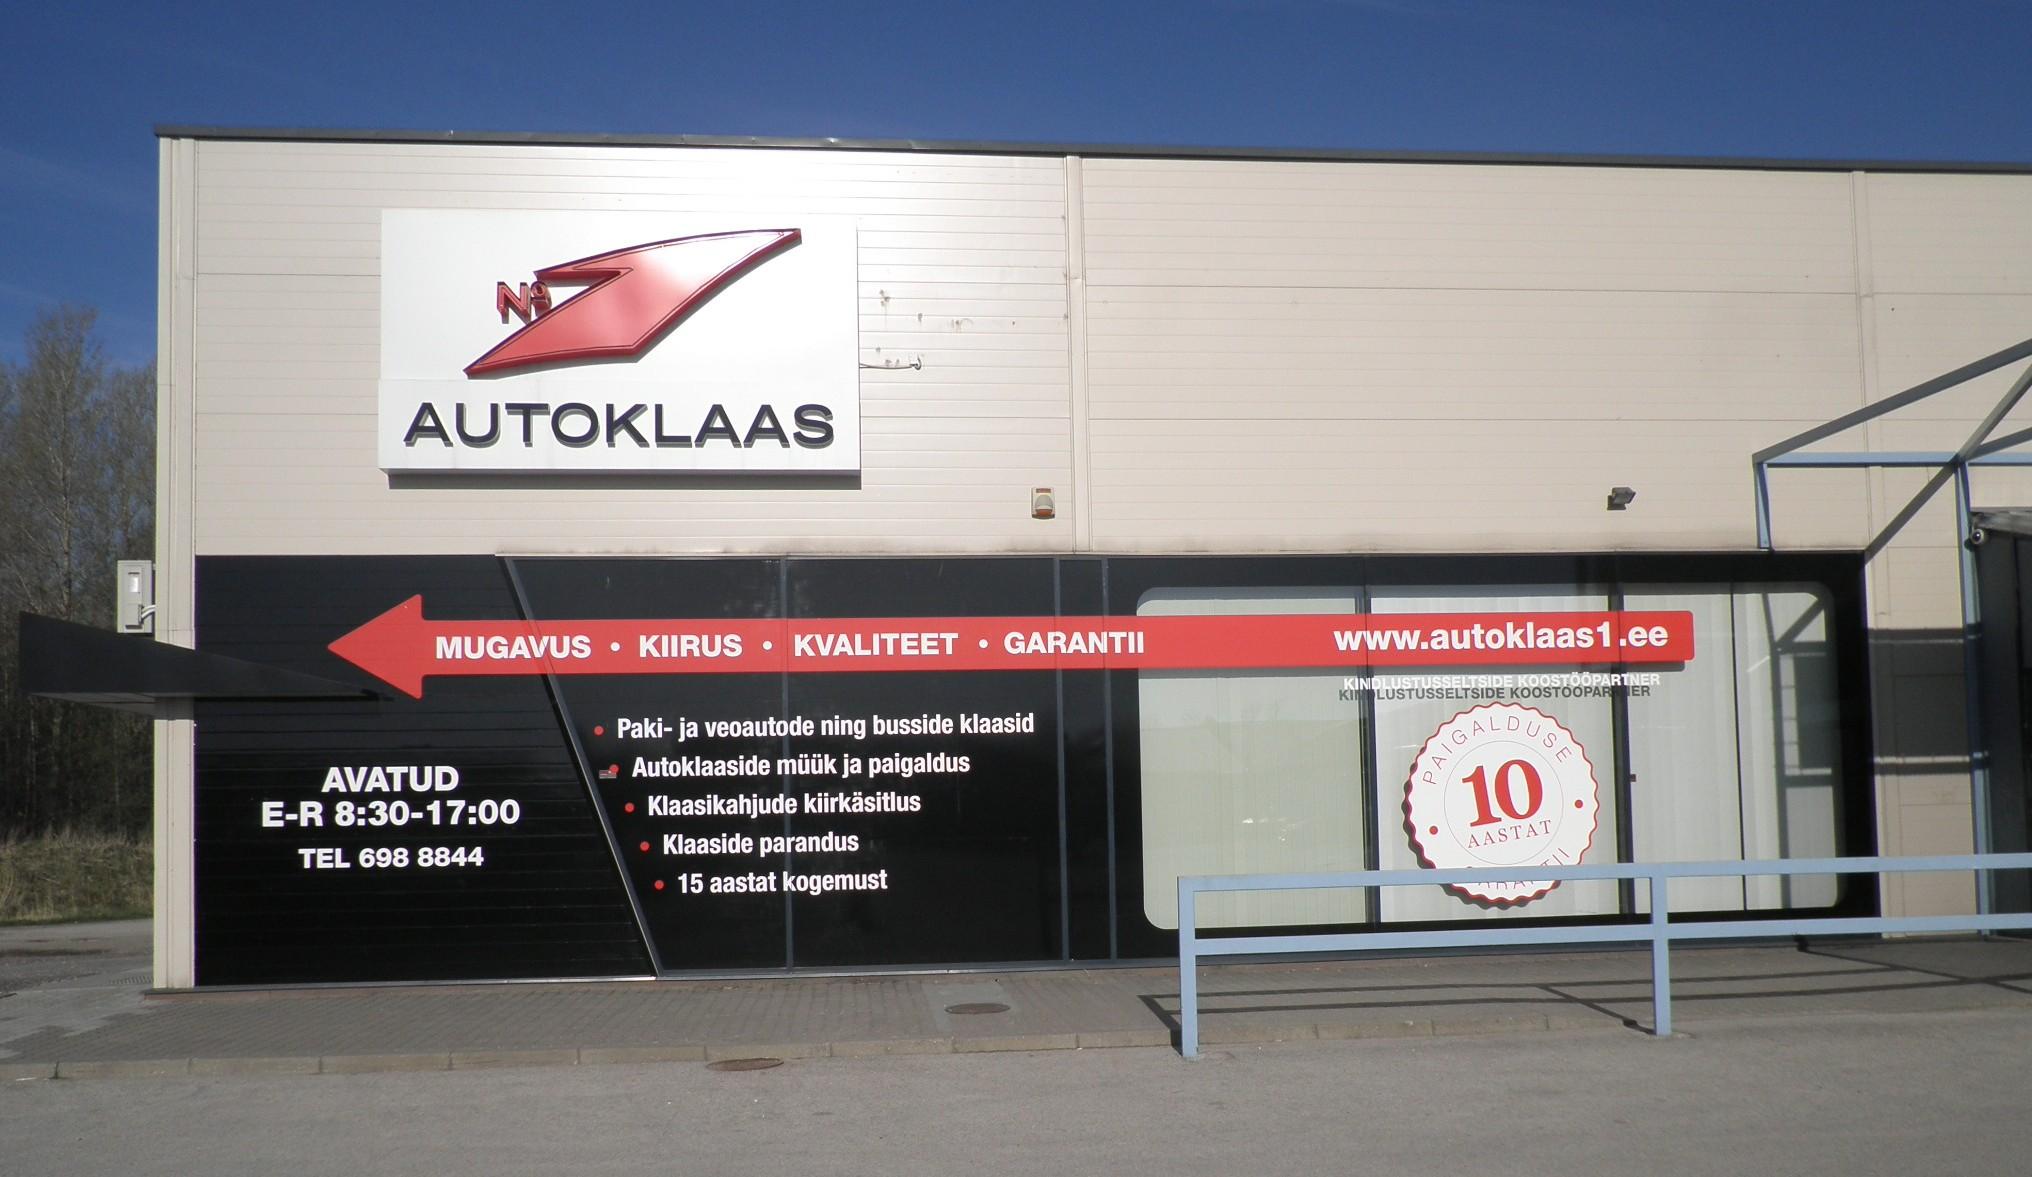 Klaasivahetus Pärnus - Autoklaas1 Pärnu